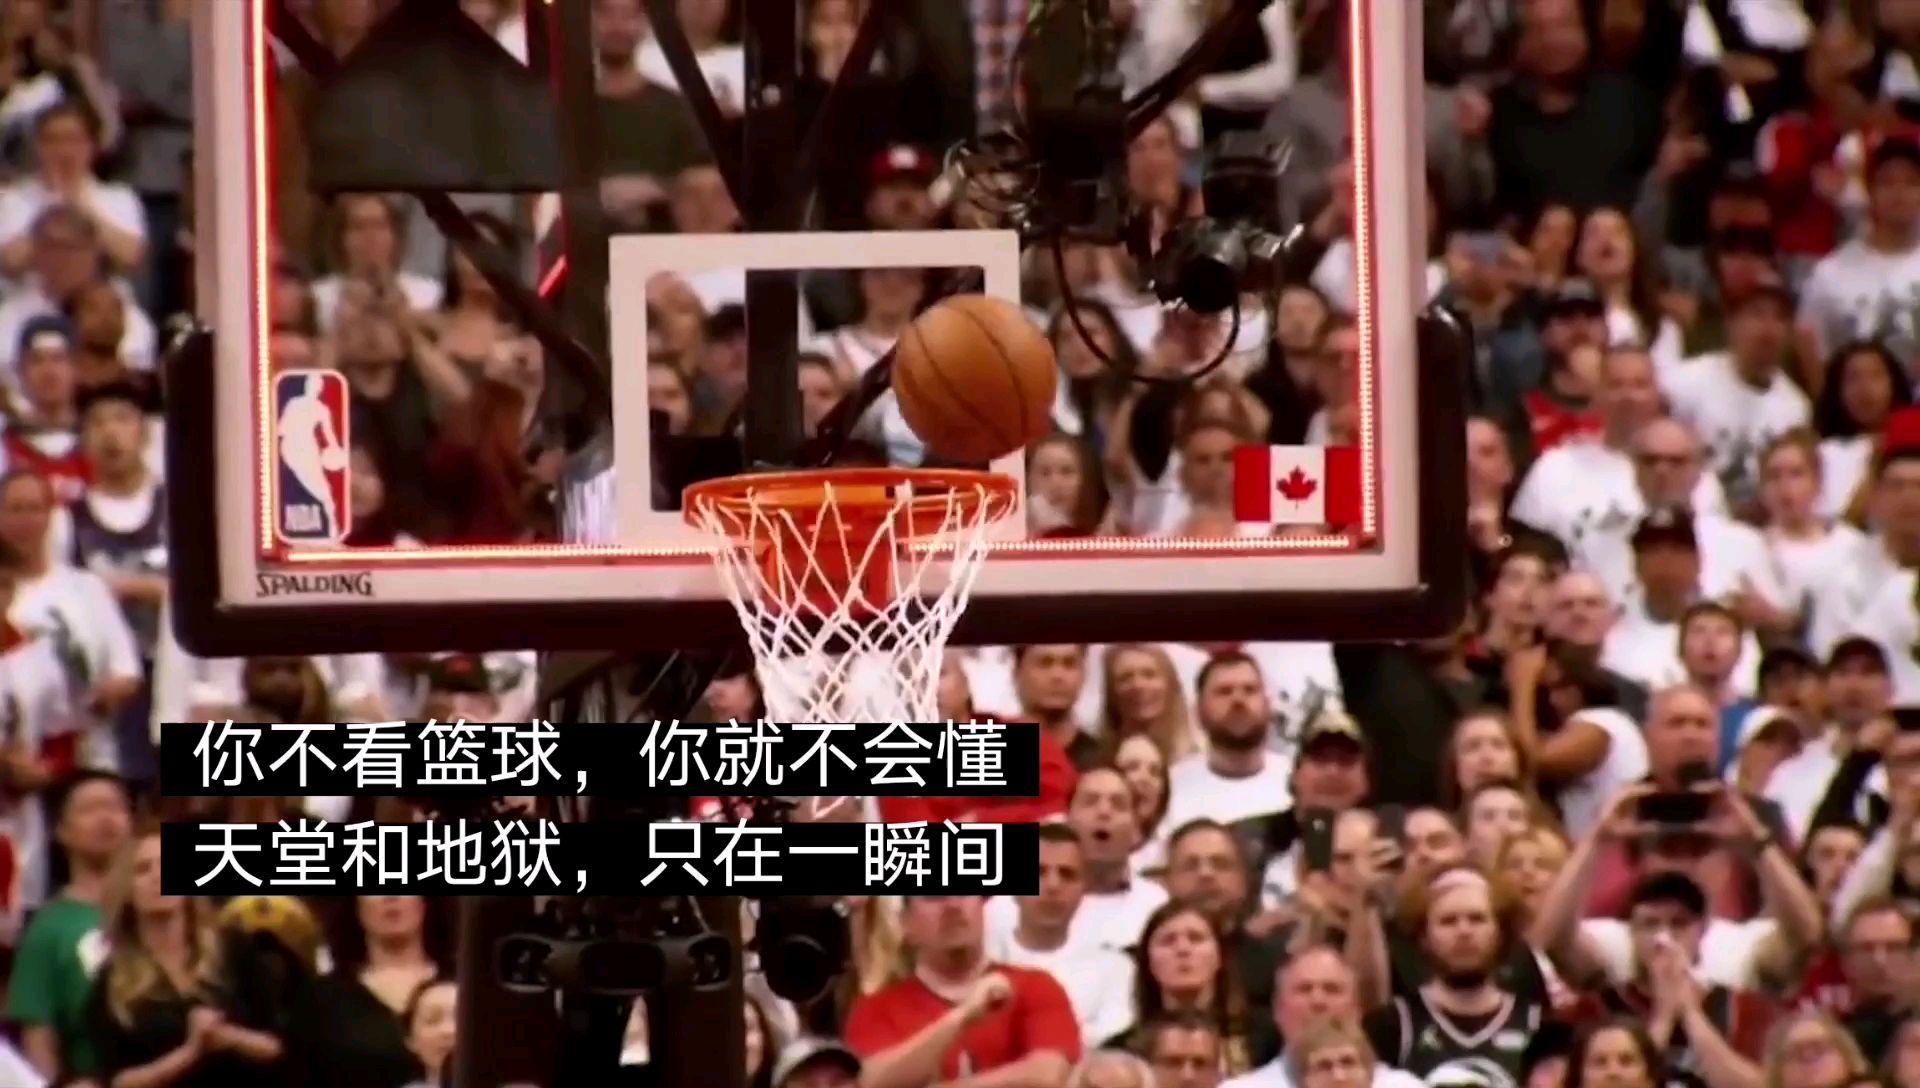 你不看篮球 你就不会懂 天堂和地狱 只在一瞬间